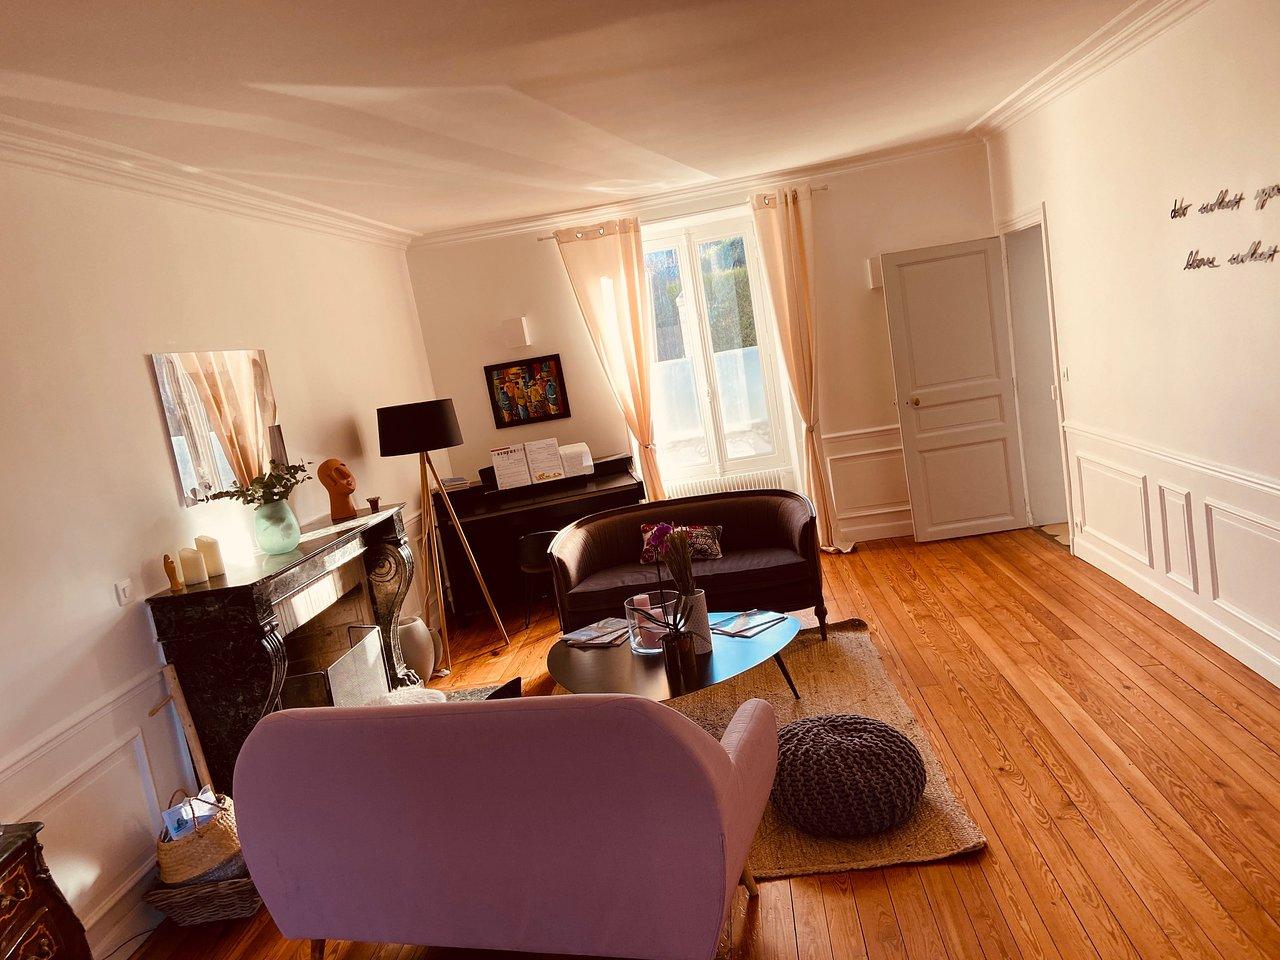 Le Rendez Vous Enchanté Le Chesnay villa trianon versailles - prices & b&b reviews (le chesnay